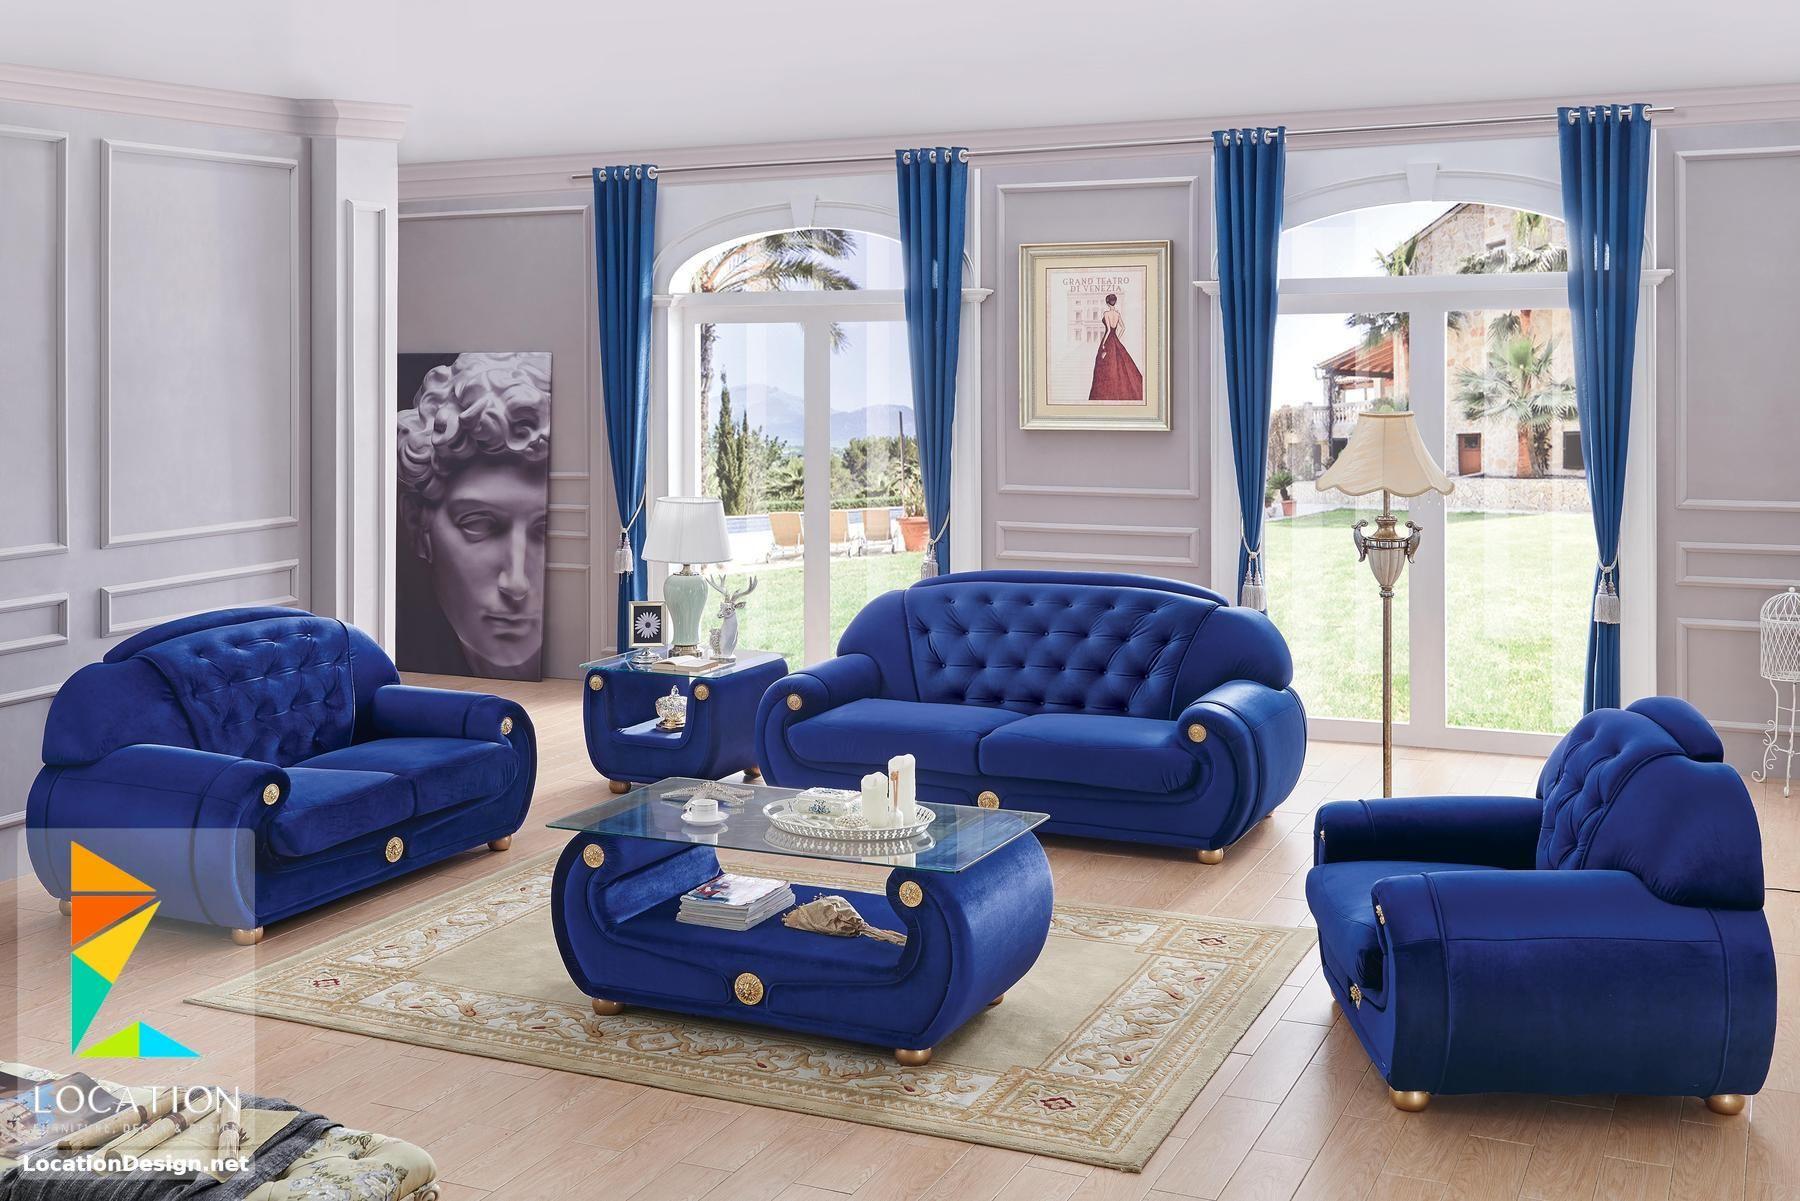 معارض اثاث مودرن أحدث موديلات انتريهات مودرن 2019 2020 Living Room Sets Blue Living Room Sets 3 Piece Living Room Set